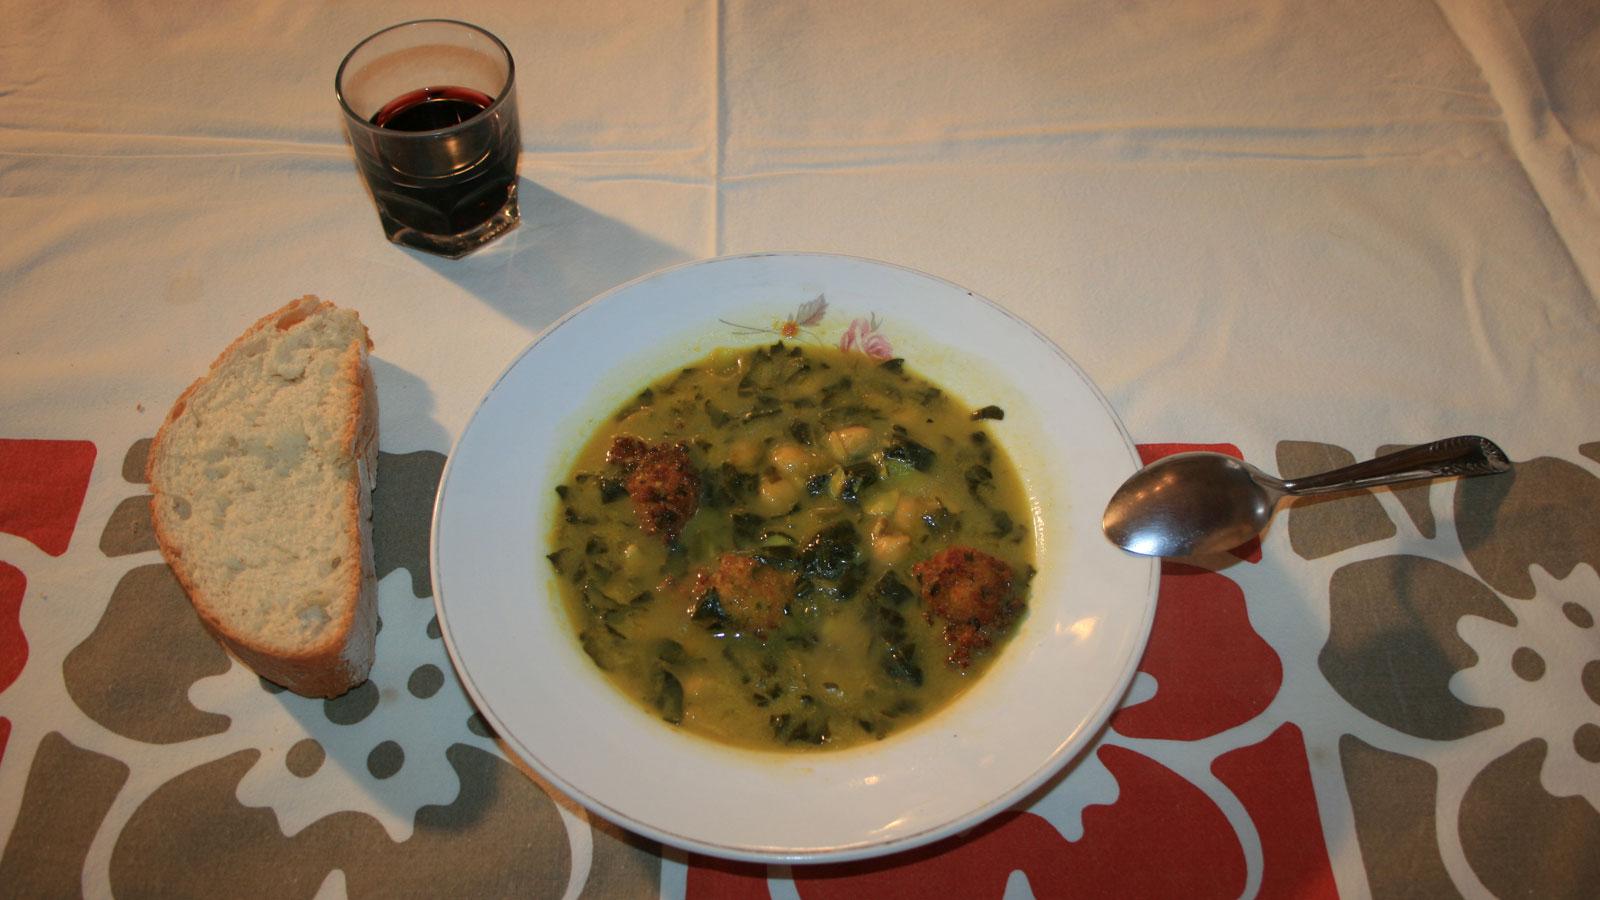 Potaje de garbanzos canal cocina receta canal cocina for Cocineros de canal cocina